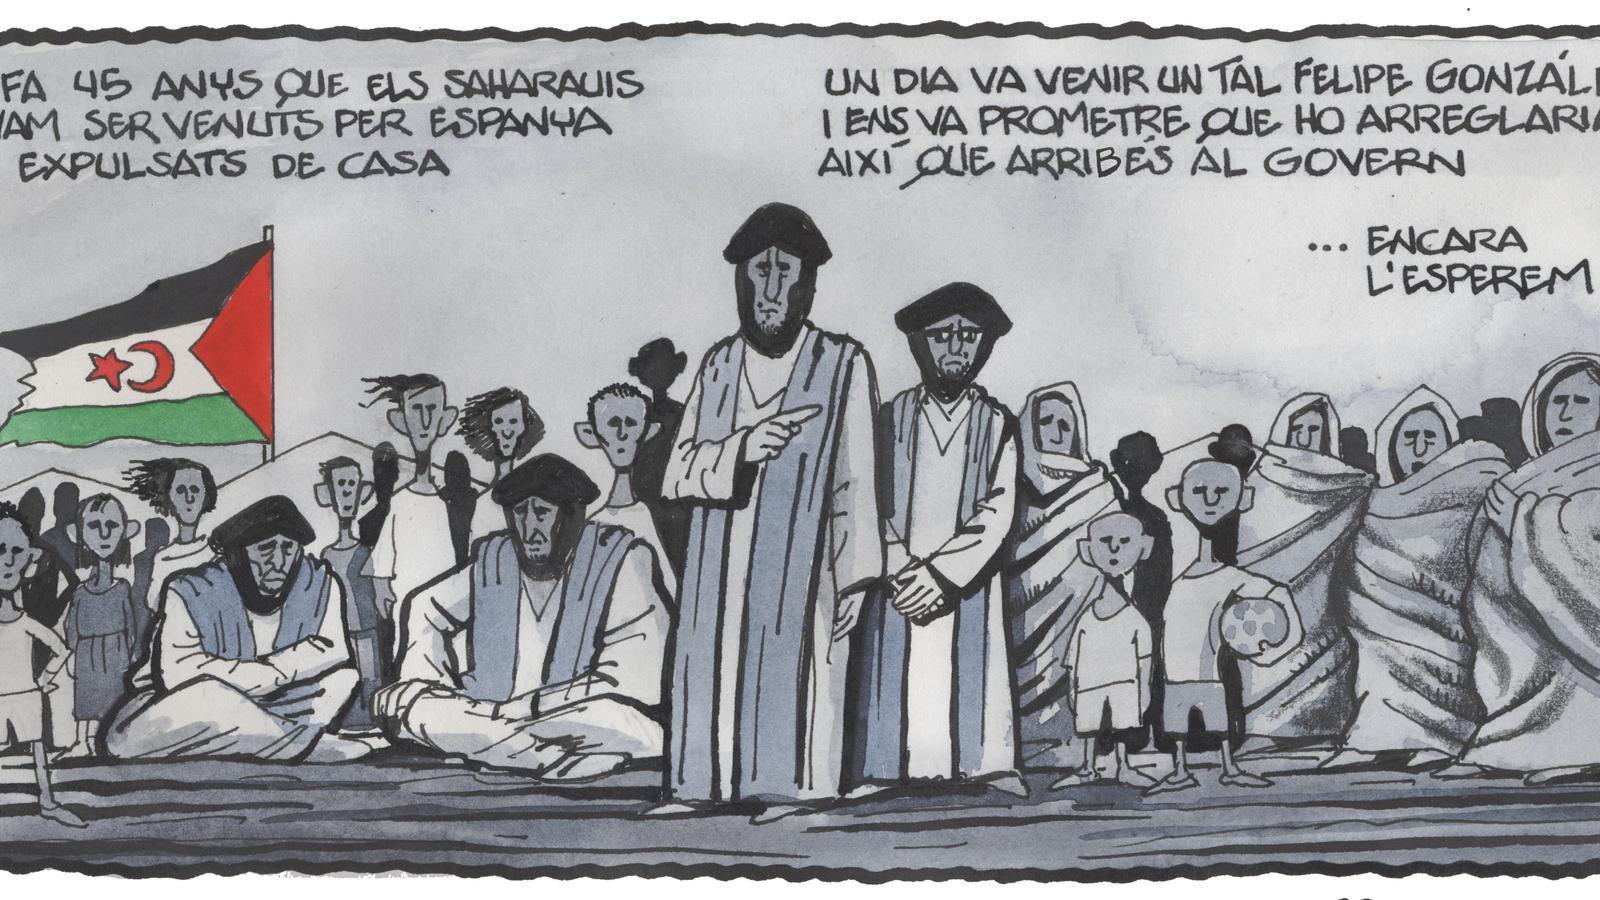 'A la contra', per Ferreres 23/11/2020